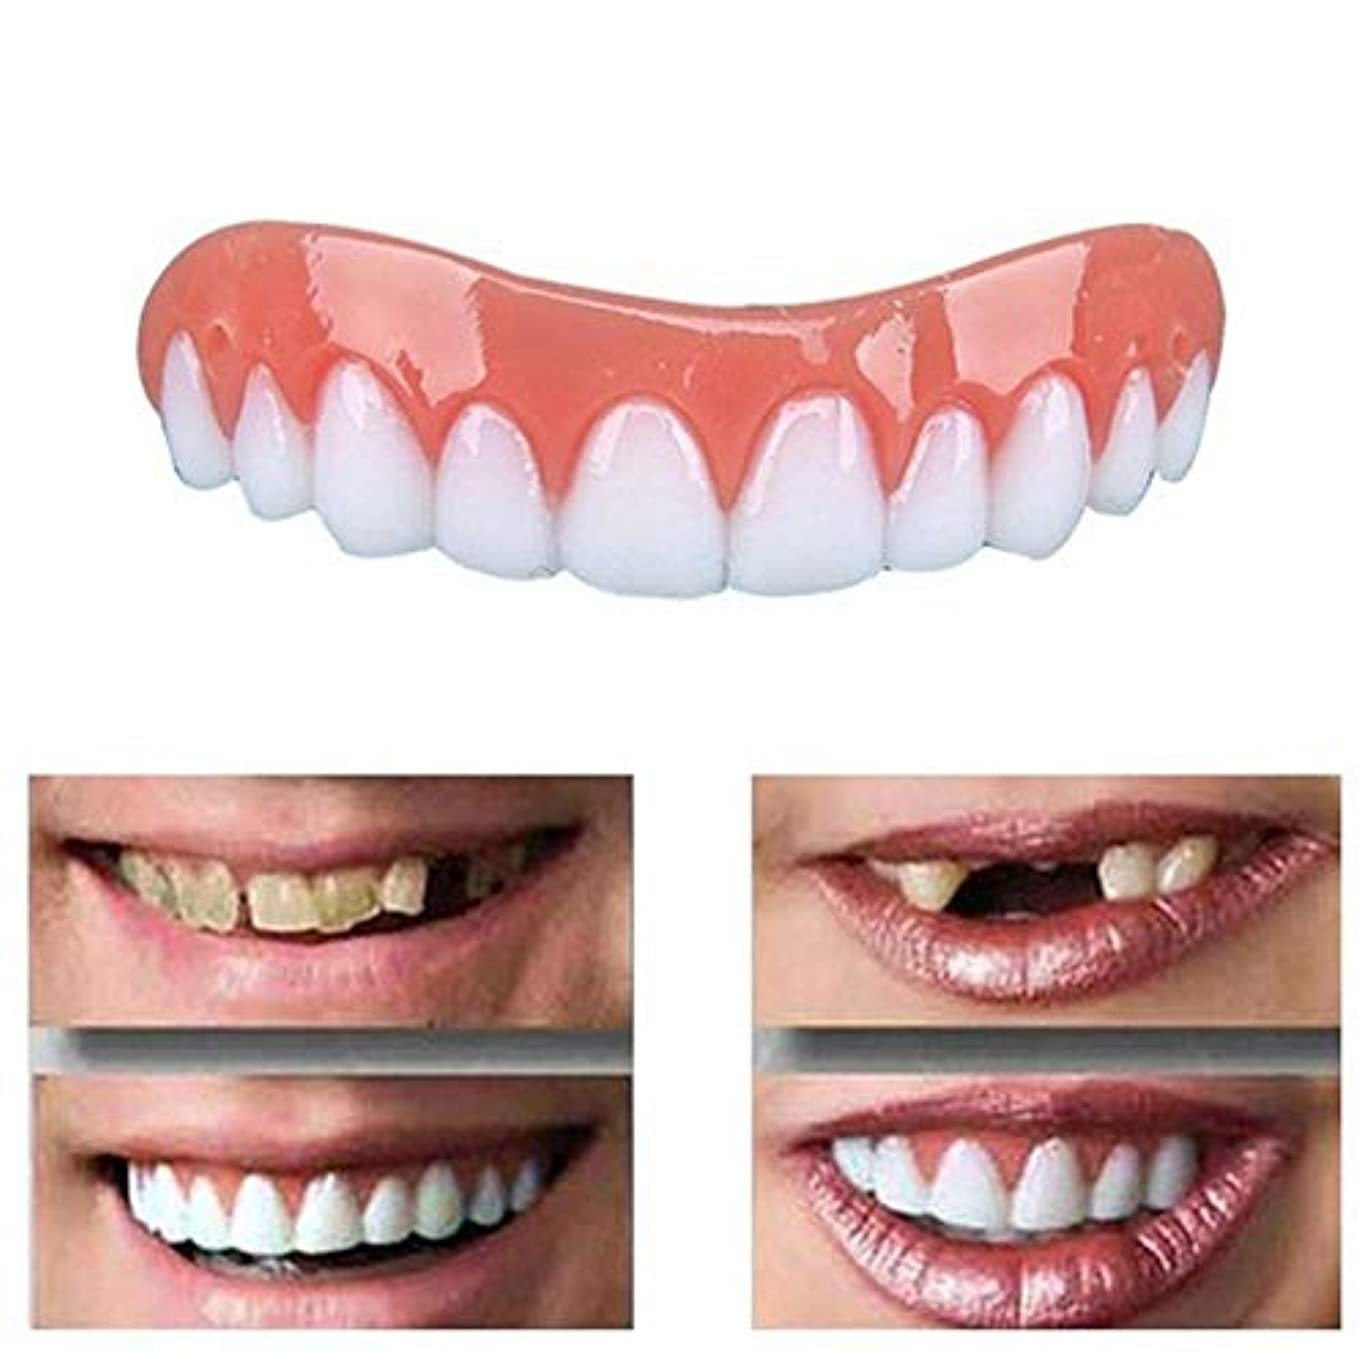 決定的バラエティ受け取るキットの歯セットの化粧品の上部のベニヤを白くする歯の微笑のベニヤのシリコーンの訂正